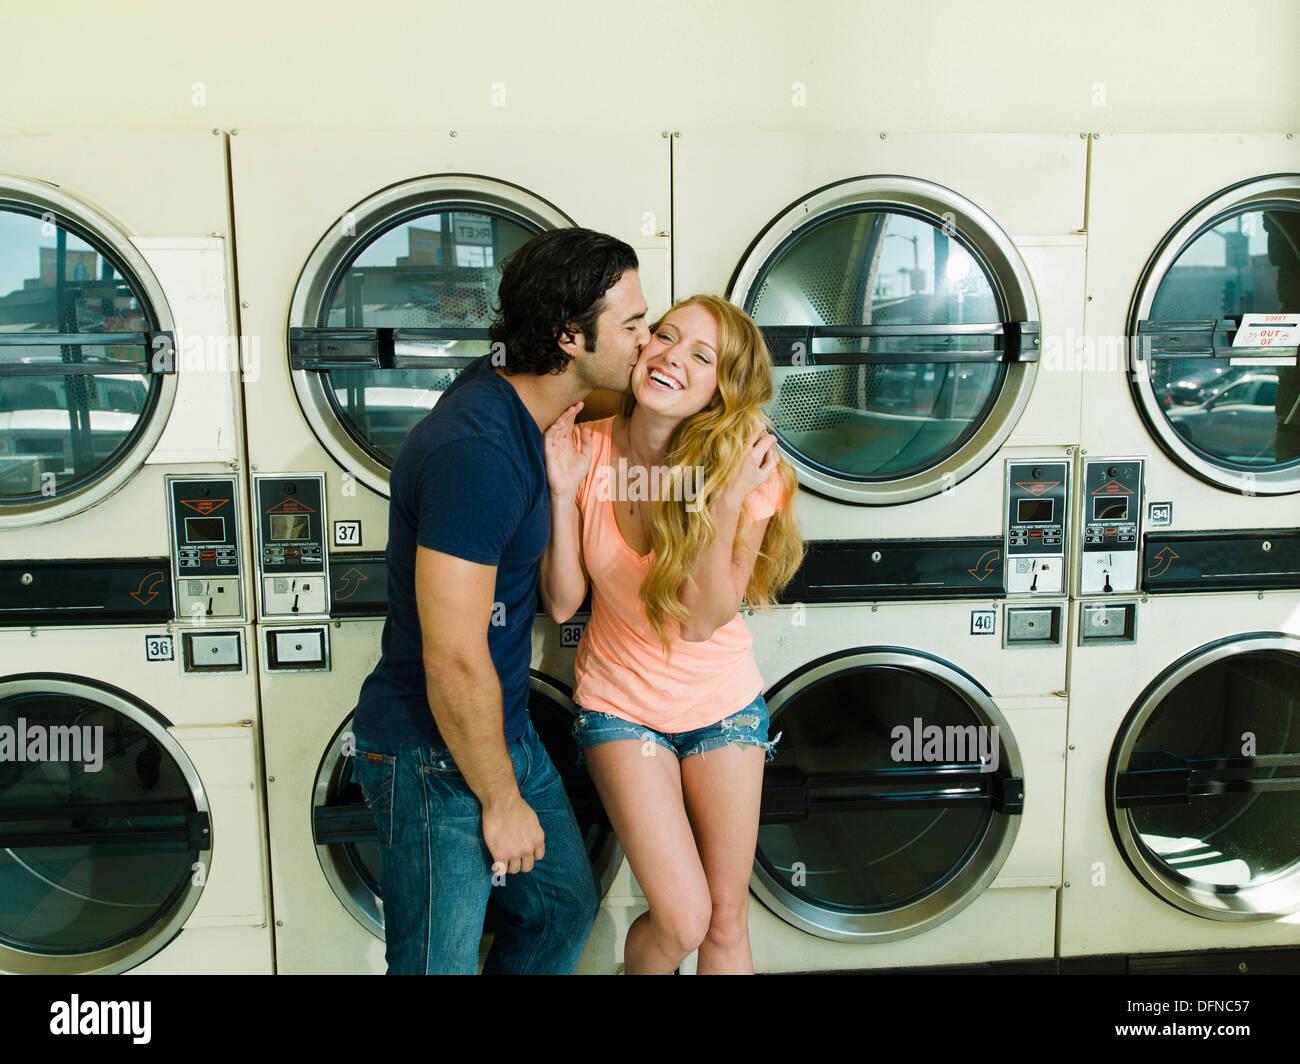 Ein junger Mann küsst das Küken von einer hübschen Frau in San Diego Münze Waschsalon. Stockbild